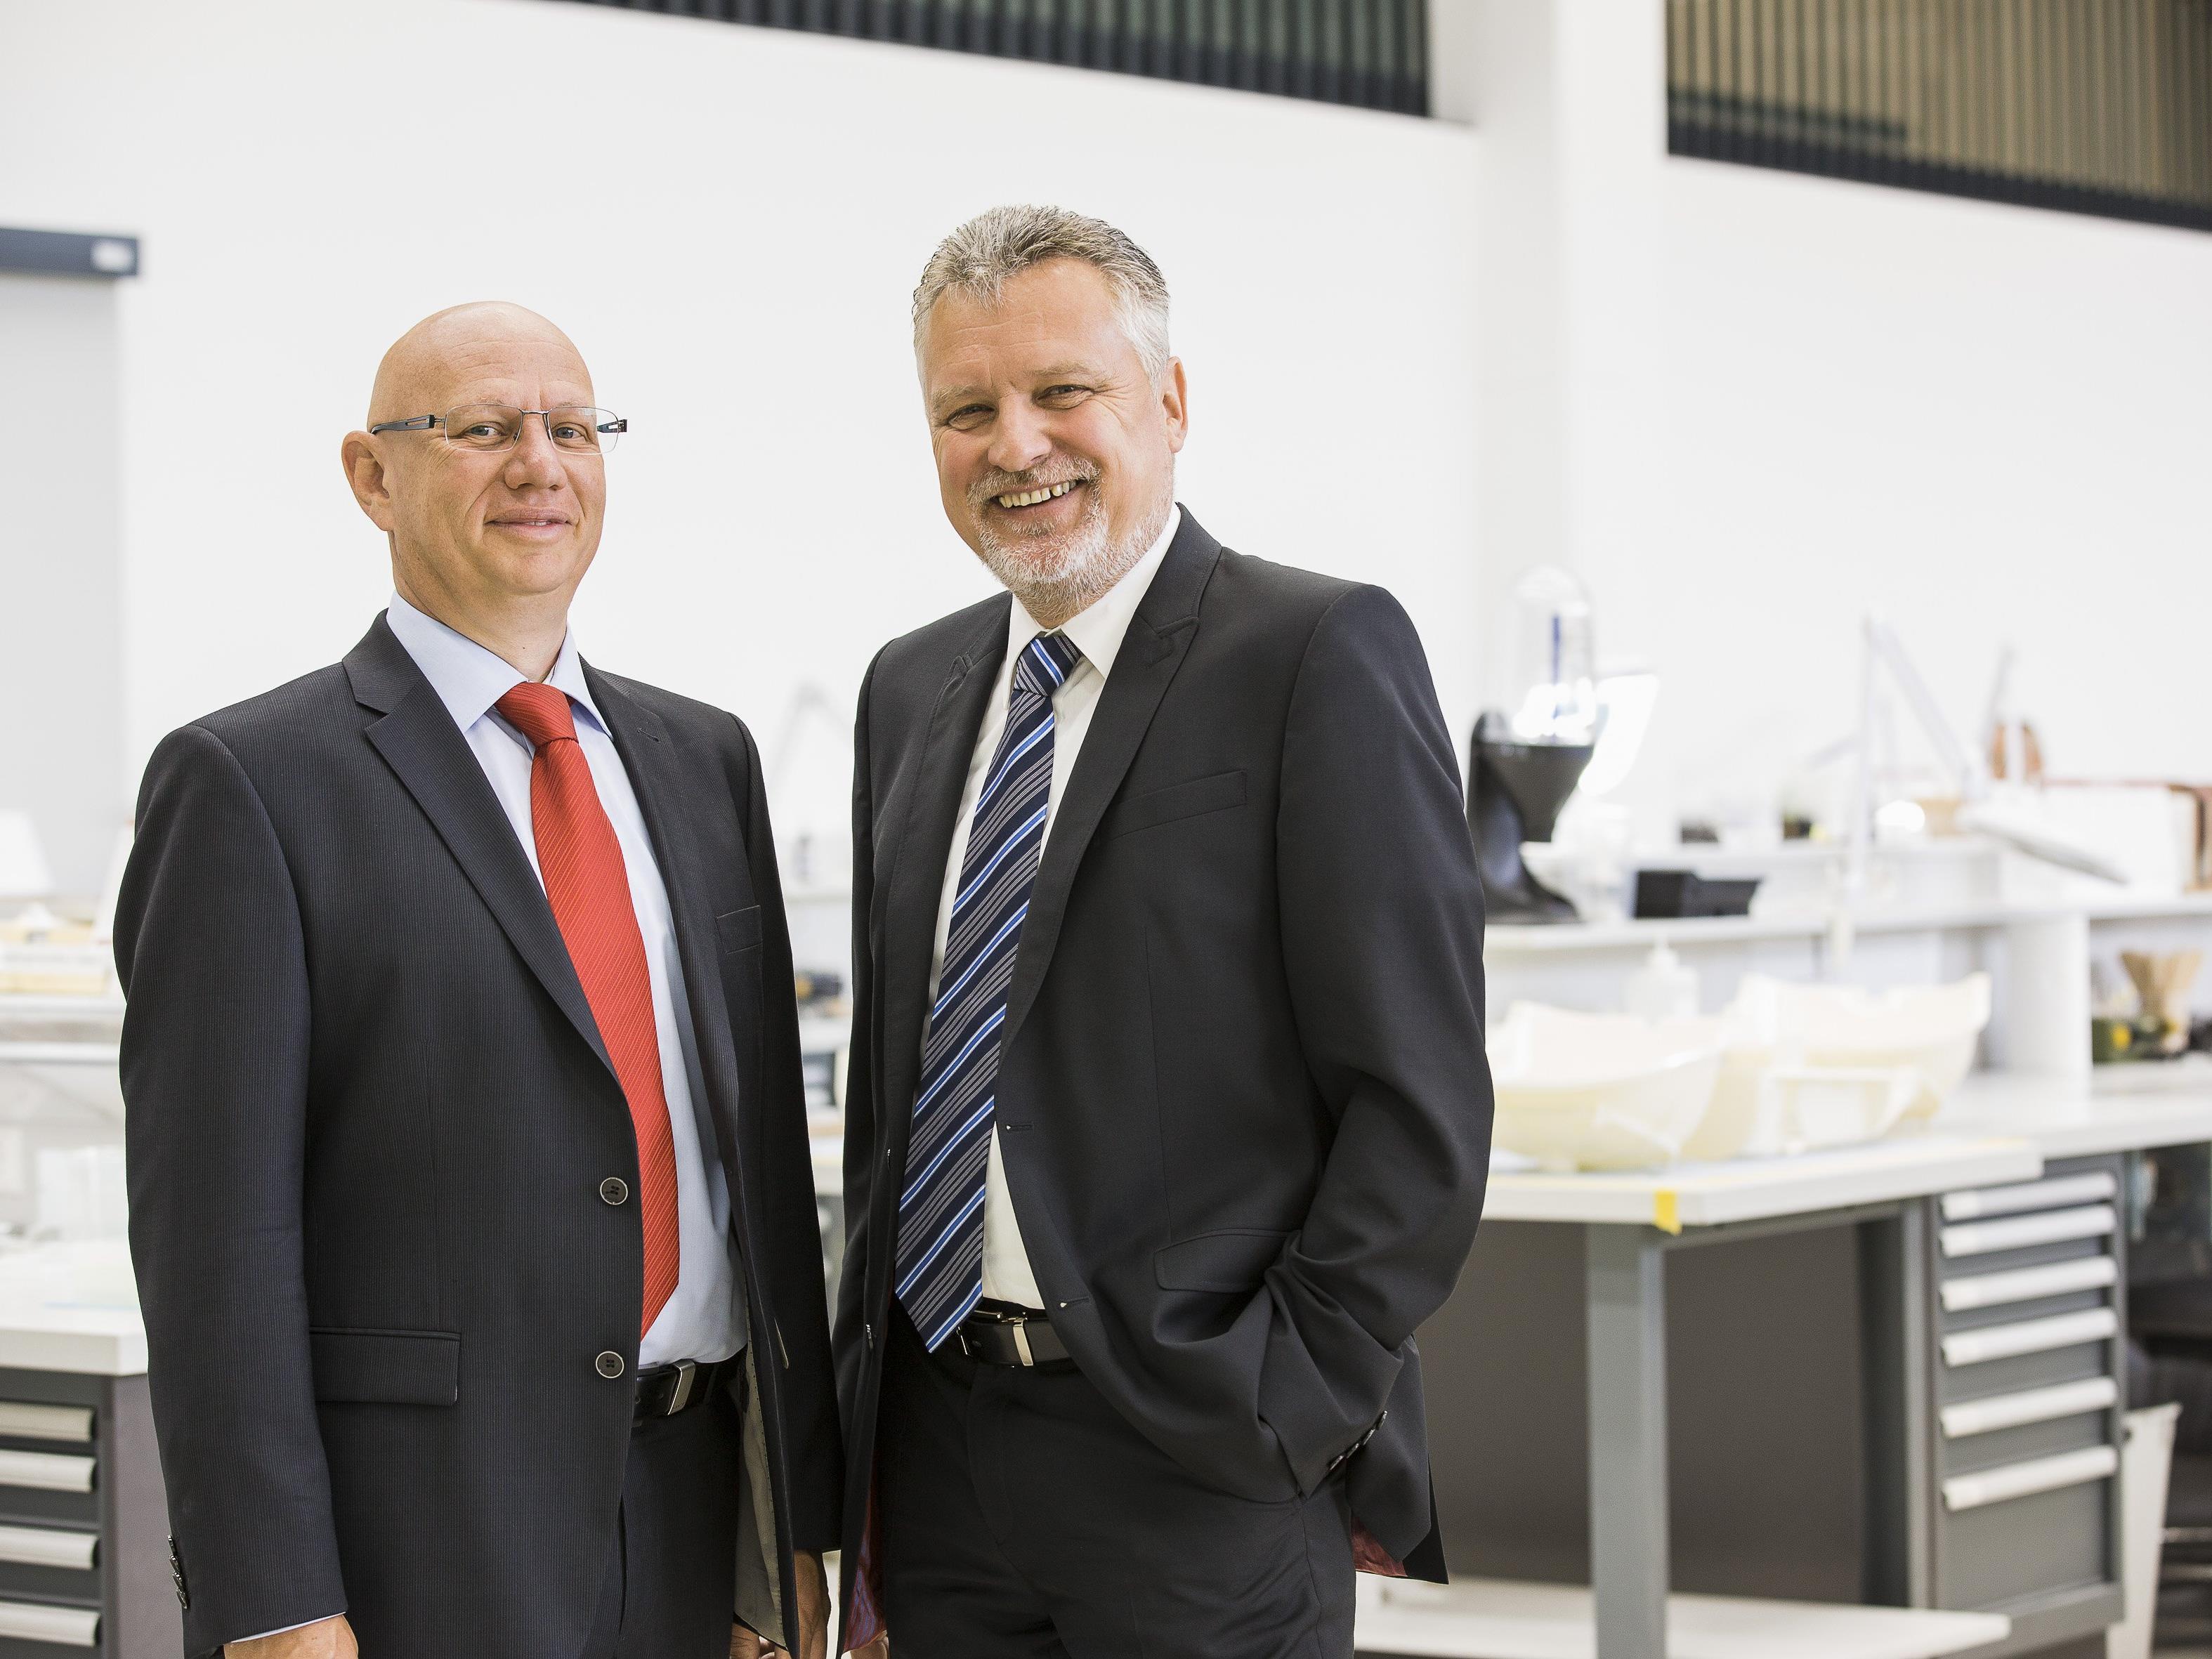 Auch im Jubiläumsjahr auf Erfolgskurs: Die beiden Gründer und Inhaber von 1zu1 Prototypen, Hannes Hämmerle (links) und Wolfgang Humml erwarten für 2016 neuerlich ein Umsatzplus.